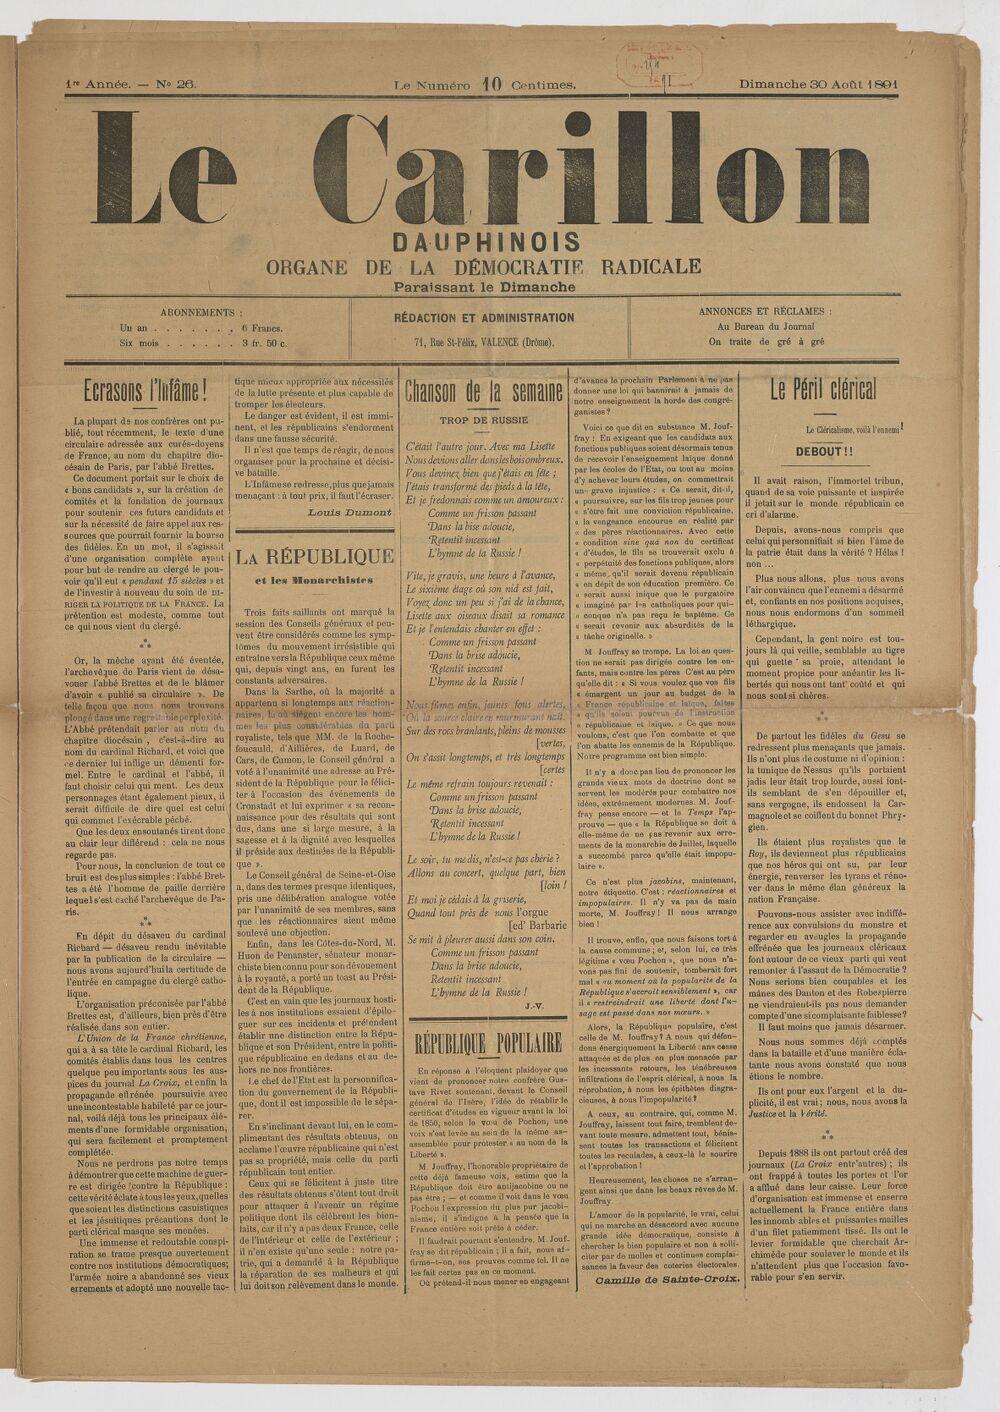 Le Carillon dauphinois : journal républicain illustré : paraissant tous les samedis / rédacteur en chef Louis Dumont